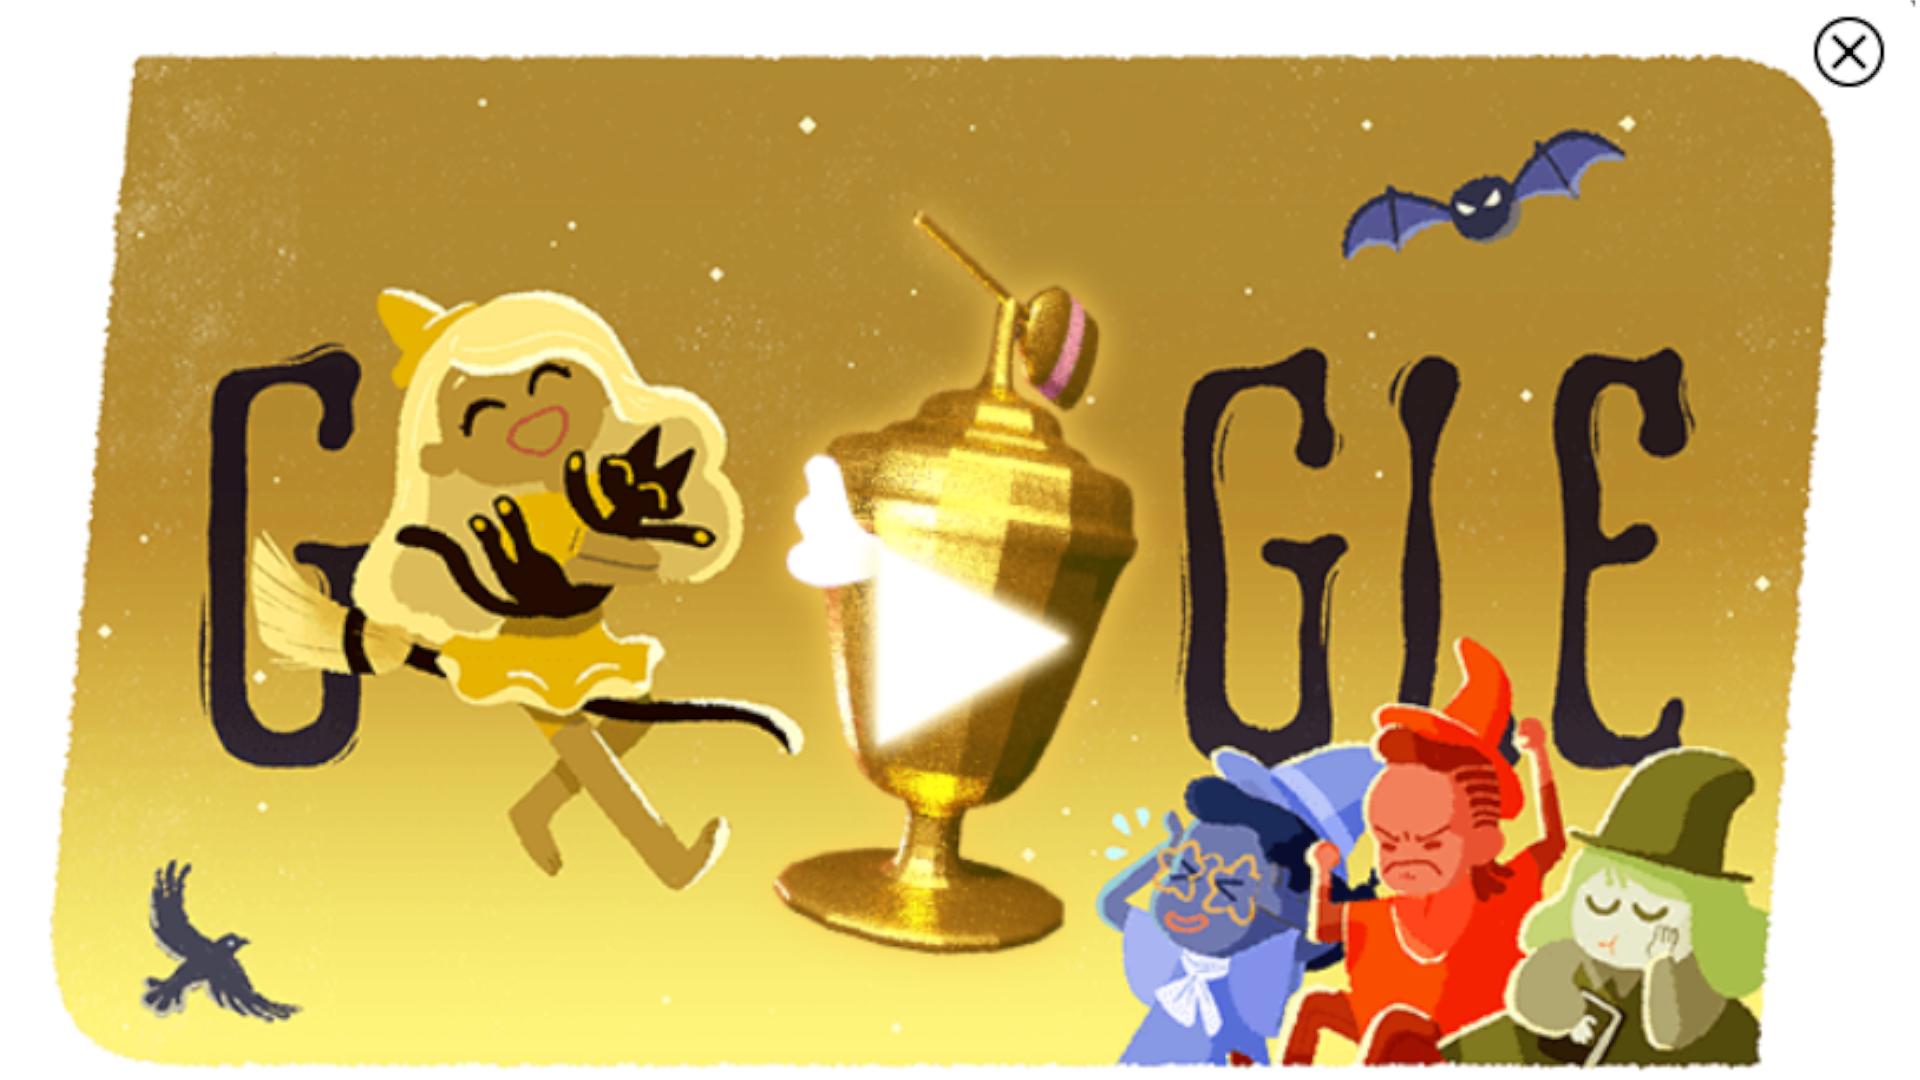 A Copa Mundial de Doces usou placar mundial para contar pontuação de 4 times de bruxas (Fonte: Google Doodle)